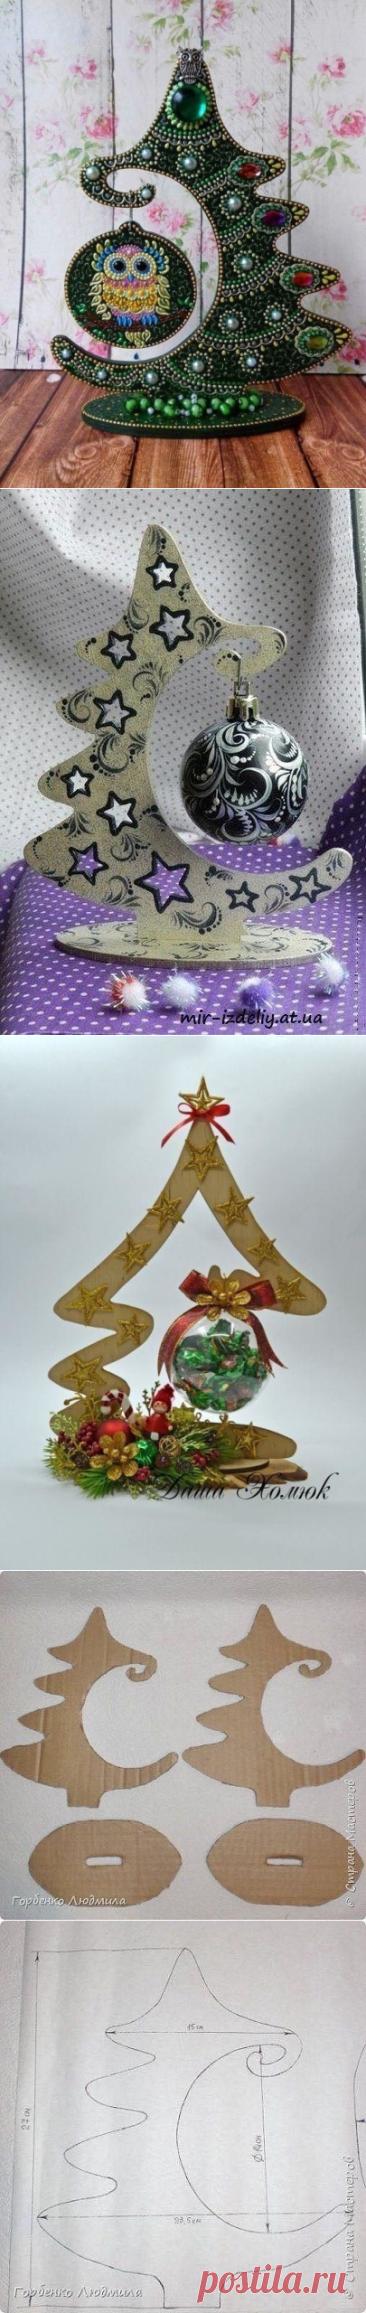 Необычные новогодние украшения для интерьера. Шаблоны прилагаются